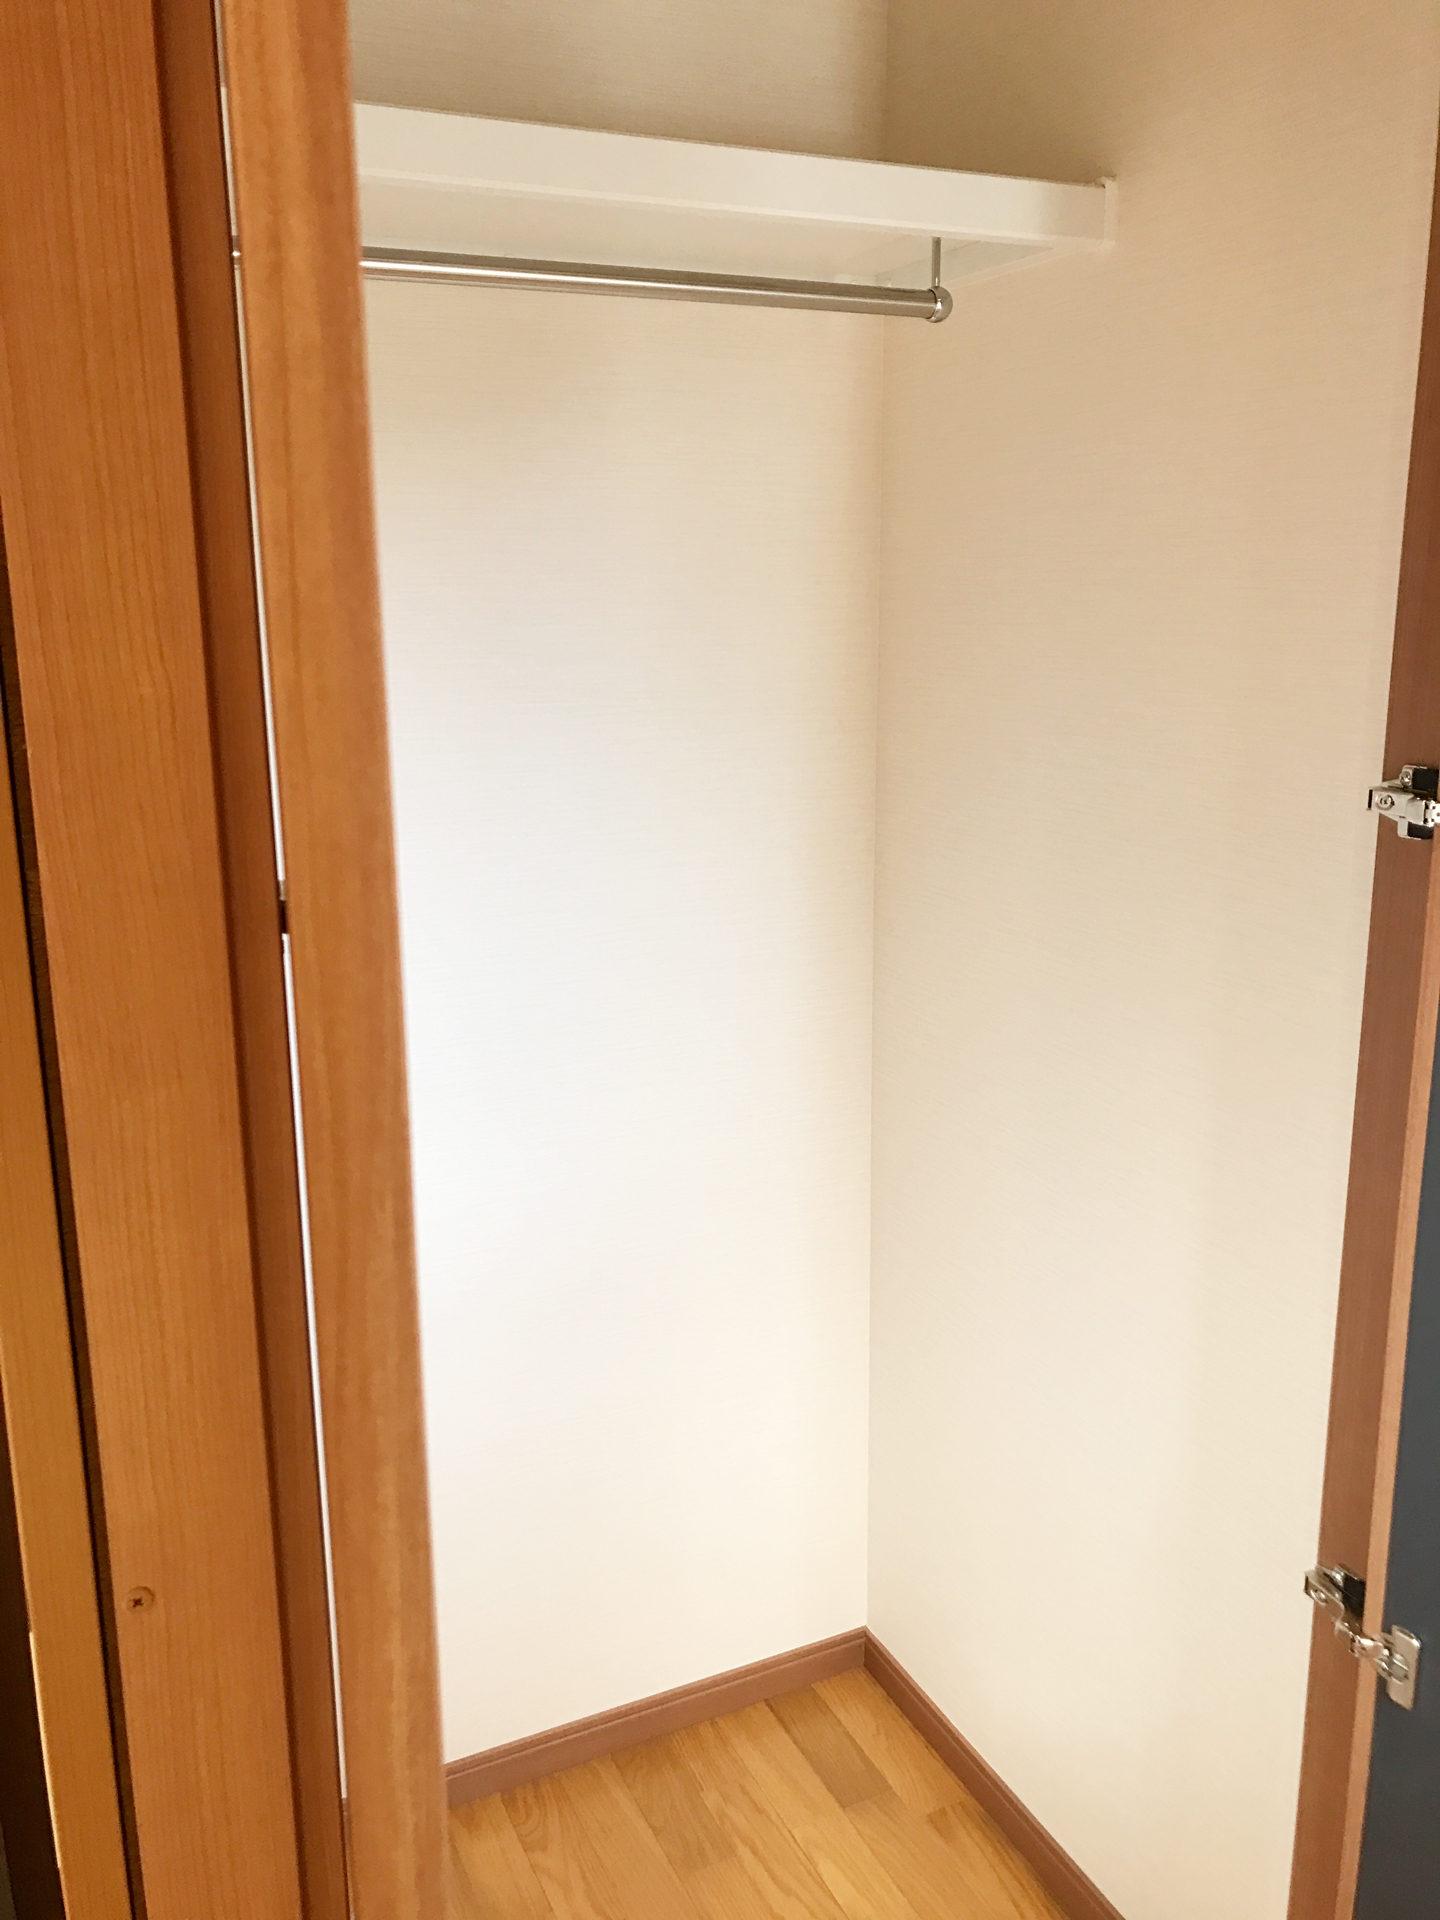 レディース治療院(はり・あん・マッサージ)付き二世帯住宅の階段収納と洋服掛け